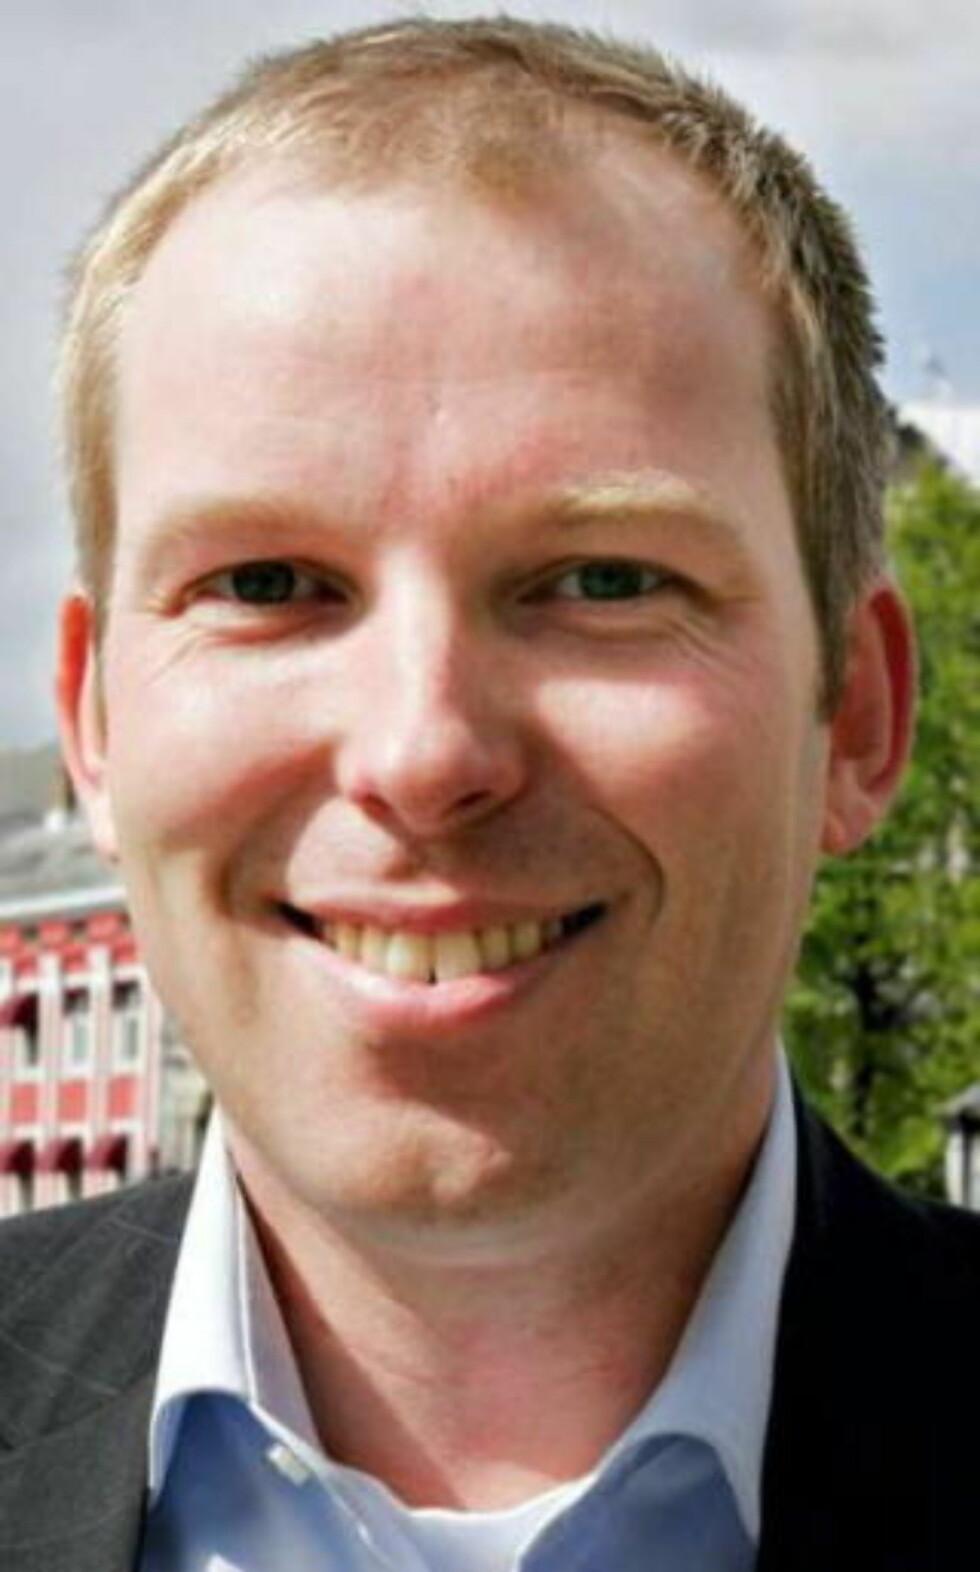 KRITISERER RAJAS DIALOGMØTER: Stortingsrepresentant Håkon Haugli (Ap).